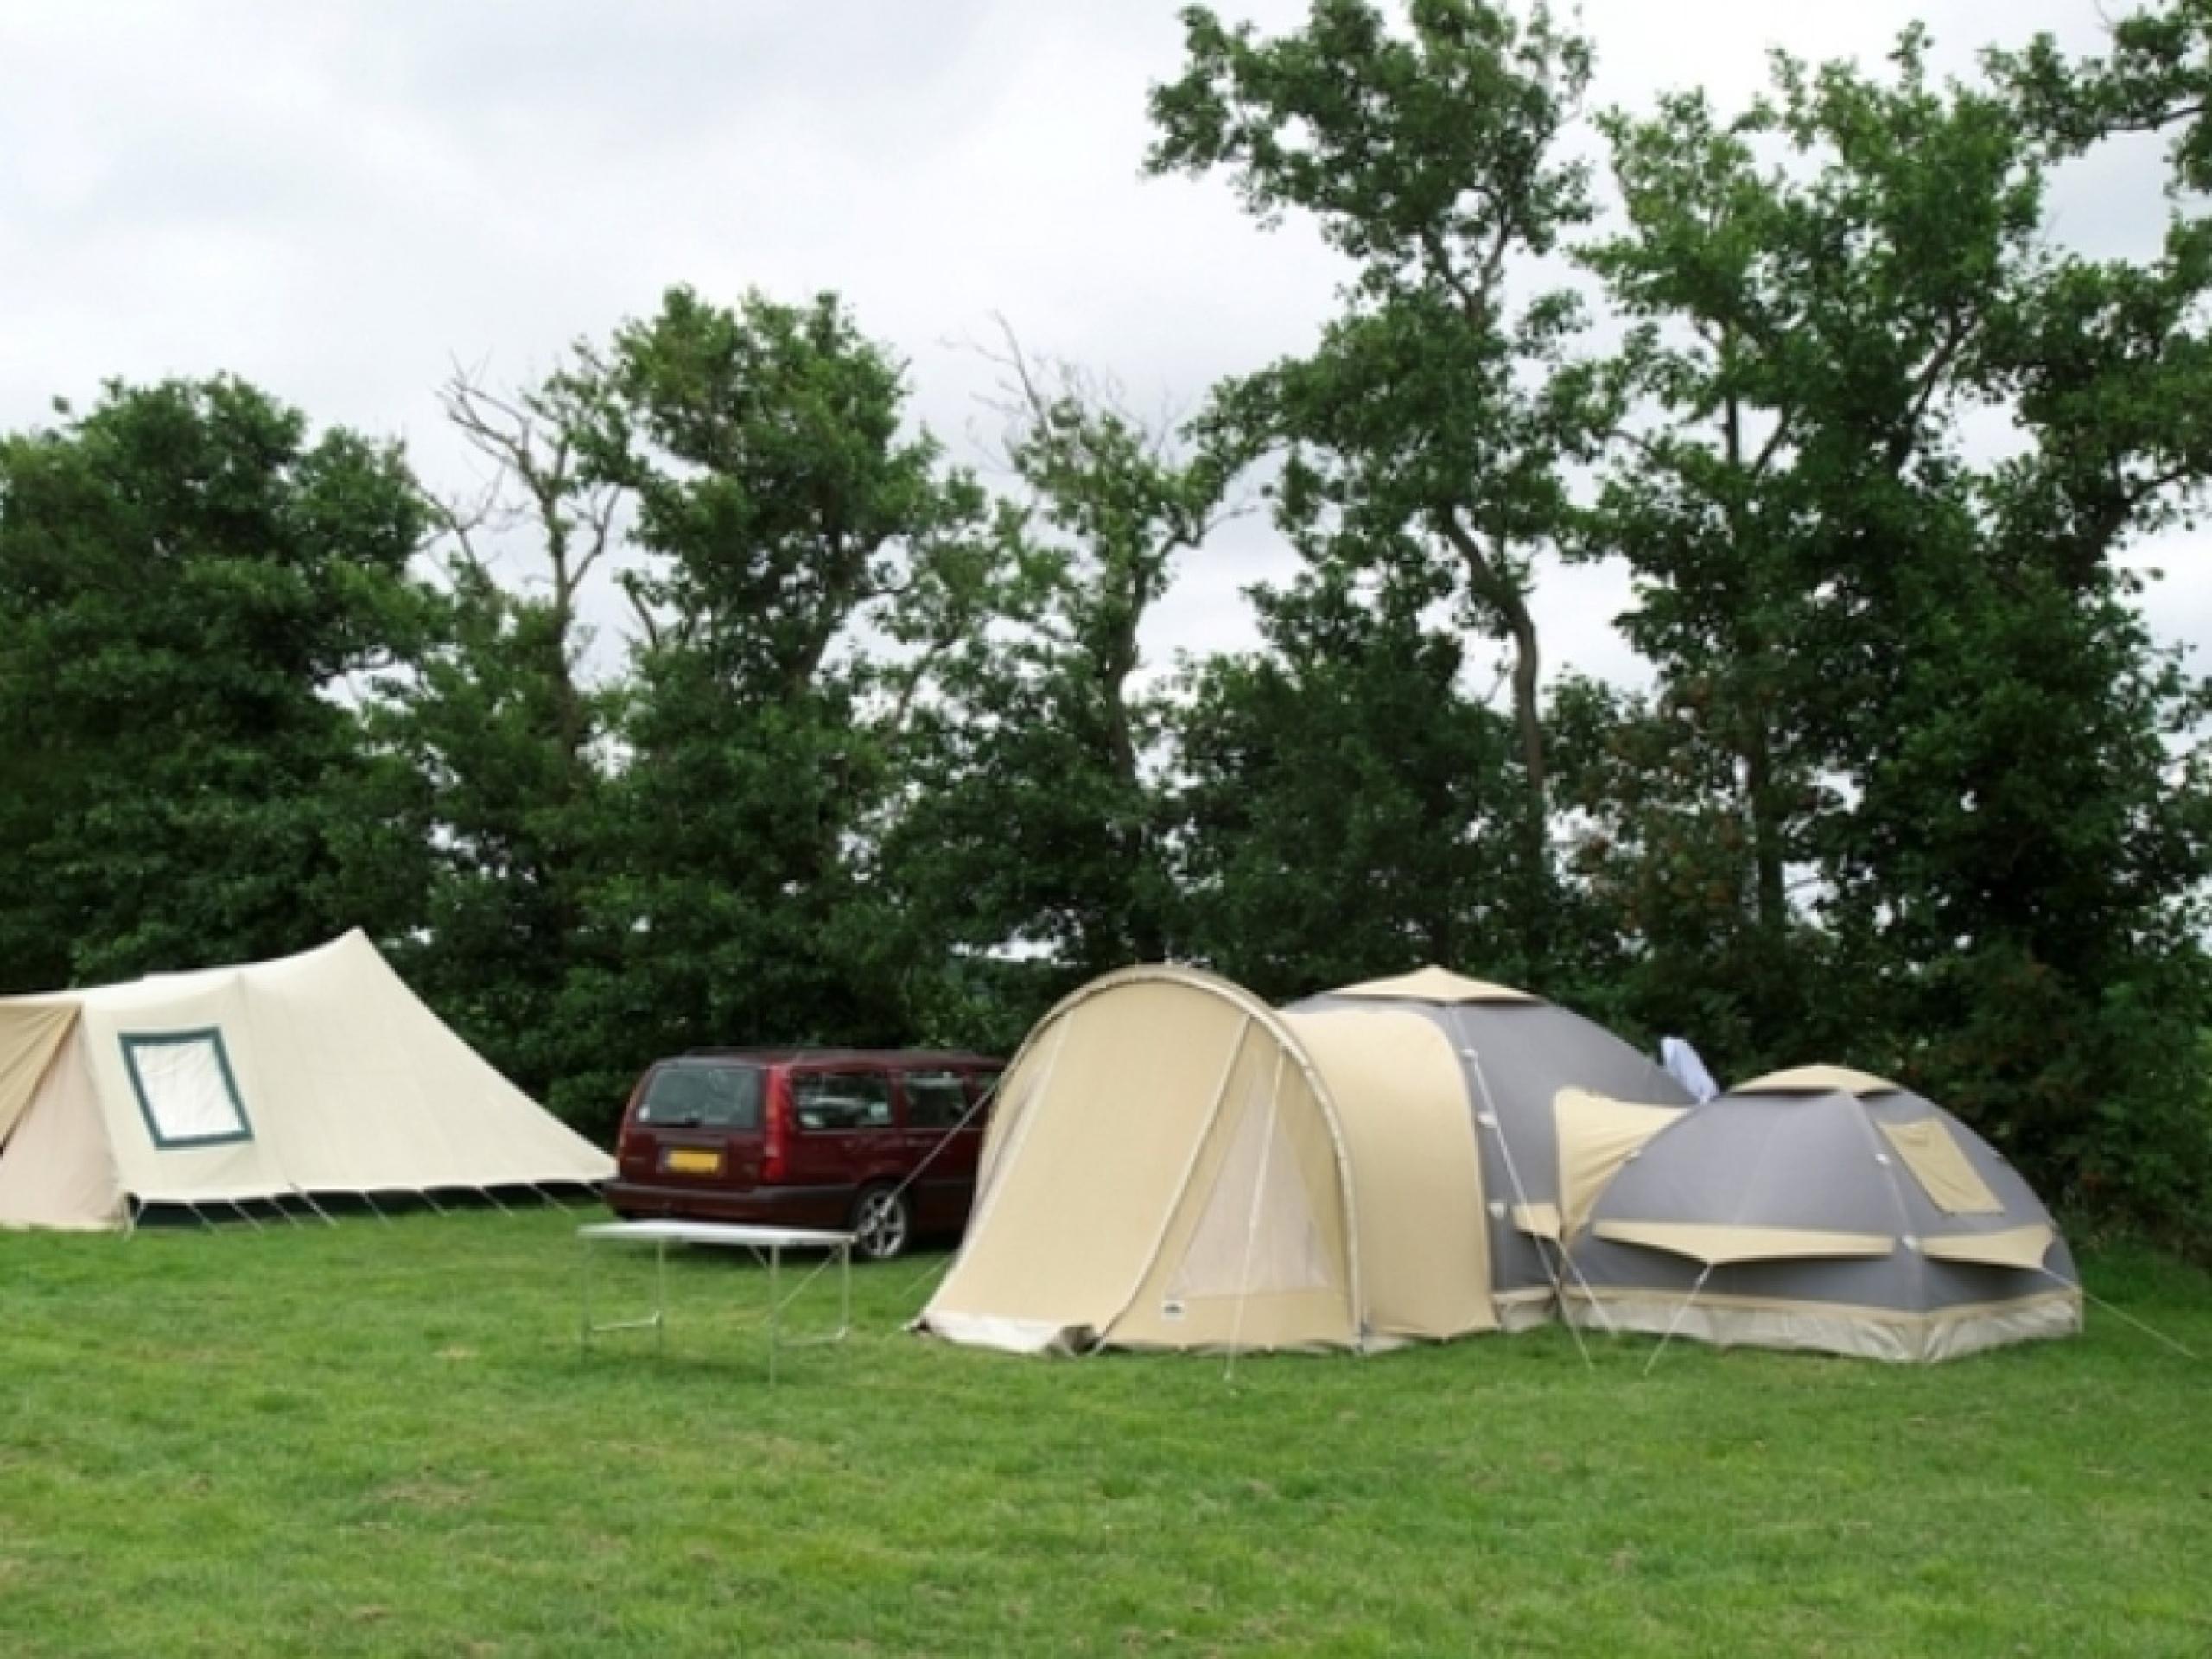 Schöner ländlicher Campingplatz auf Schaffarm in einzigartigen ruhigen Ort in der Nähe von Den Burg